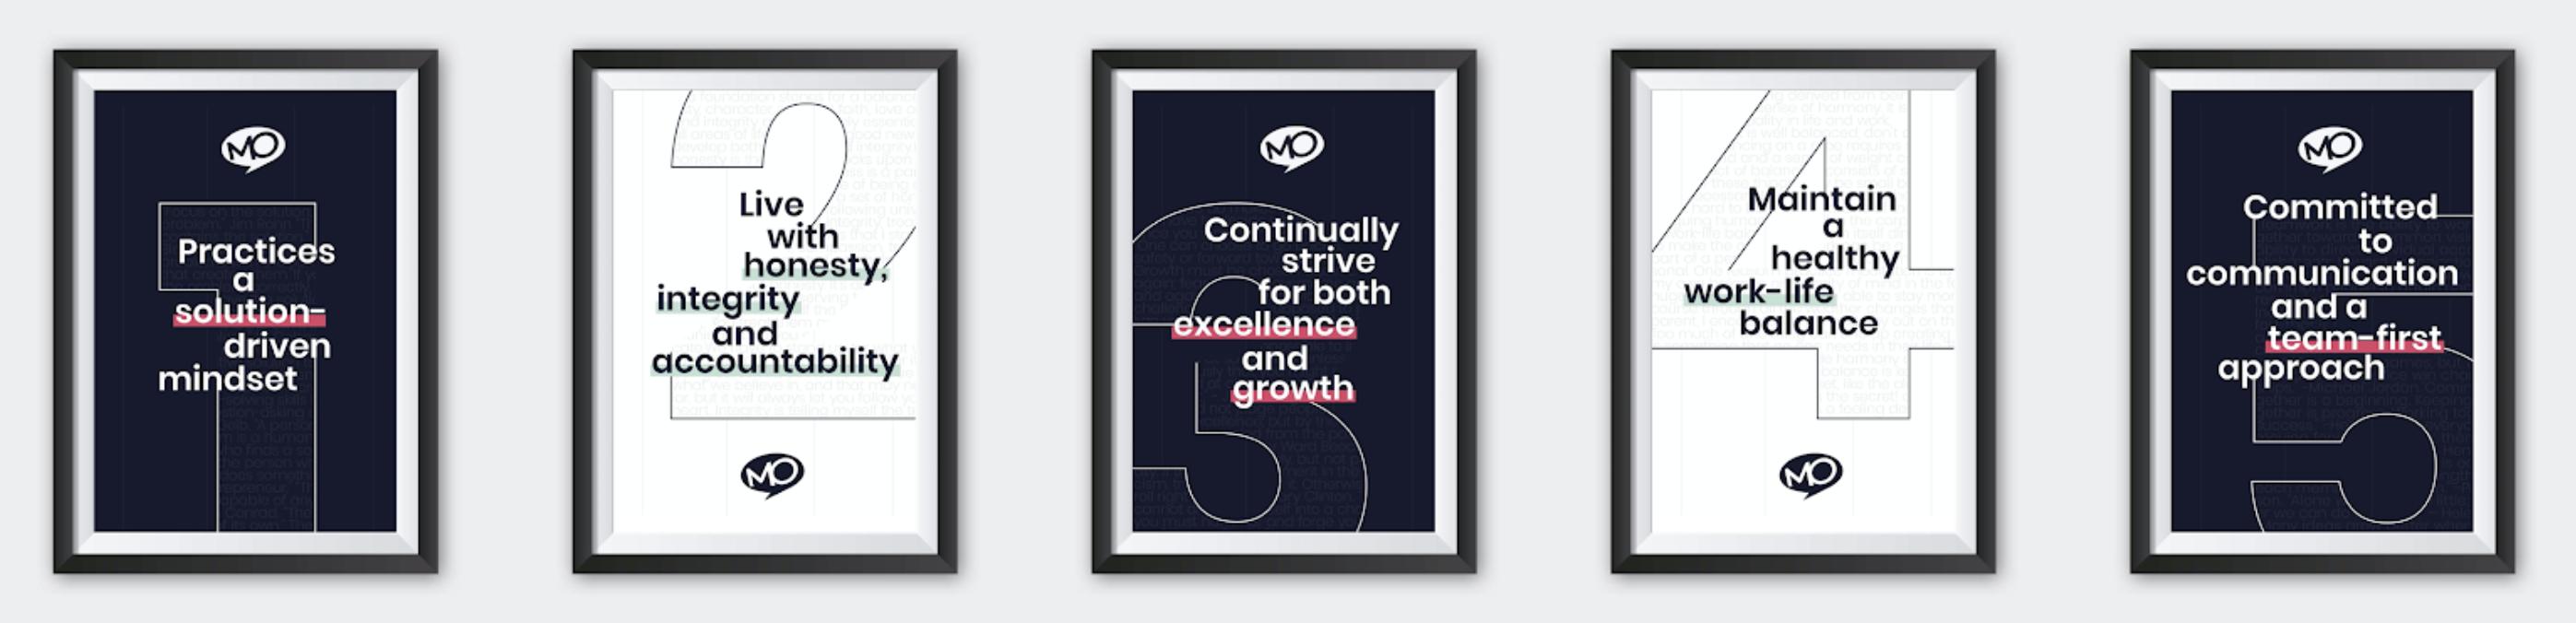 MO Agency Company Values